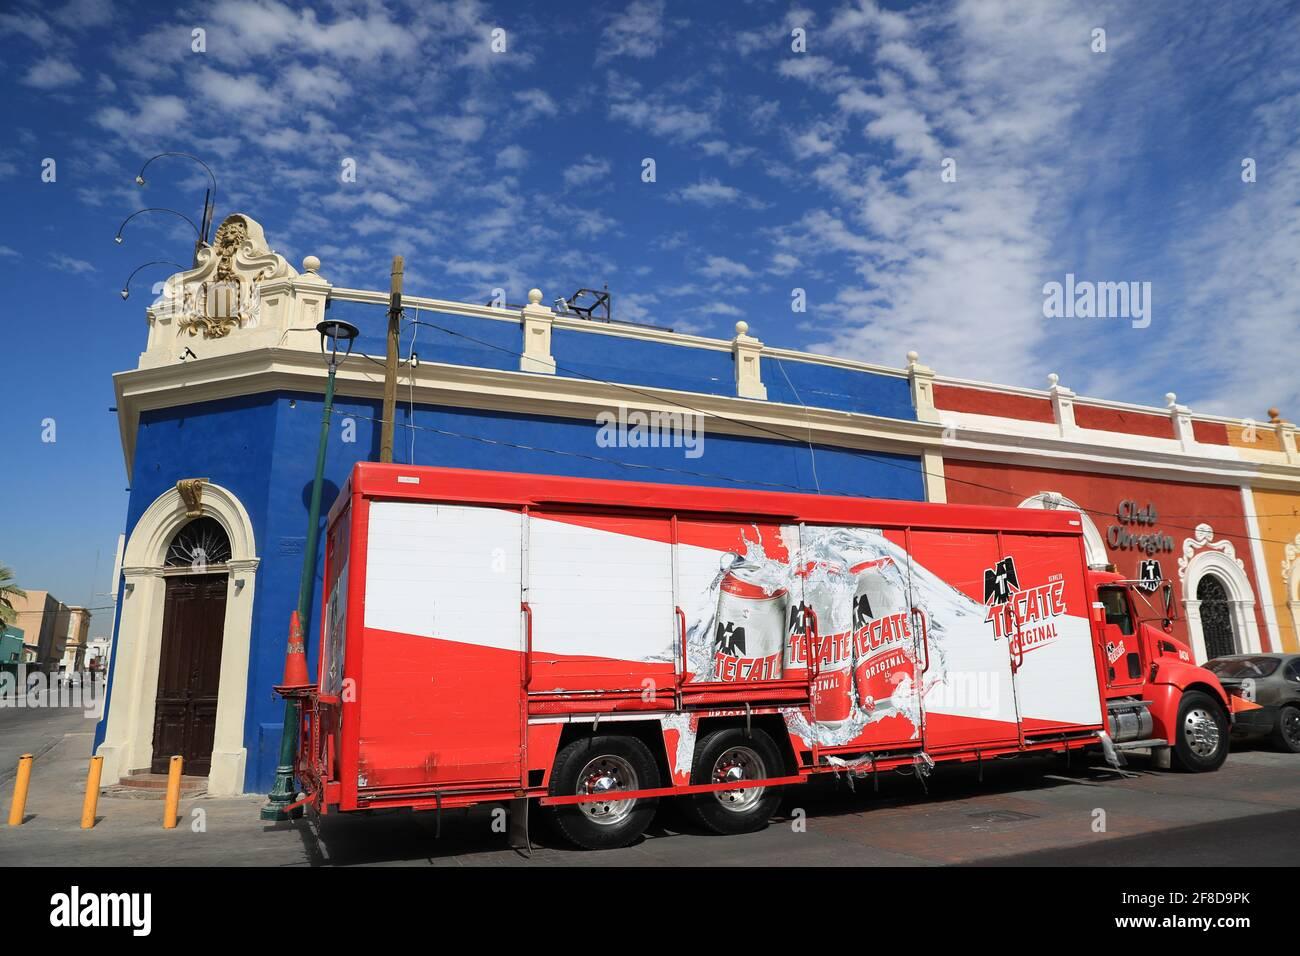 Un camión de reparto de la fábrica de cerveza Cuatemoc Moctezuma o Tecate vende latas y cartones de cerveza en un edificio azul llamado Cerveceria la Barra Hidalgo en el centro histórico de Hermosillo, Sonora, México.... Tecate (Foto de Luis Gutiérrez / NortePhoto) Un camion repartido de la cervecería Cuatemoc Moctezuma o tecate expende latas y cartones de cerveza en un edificio azul lleno cervecería la Barra hidalgo en el centro histórico de Hermosillo, Sonora, México. Foto de stock